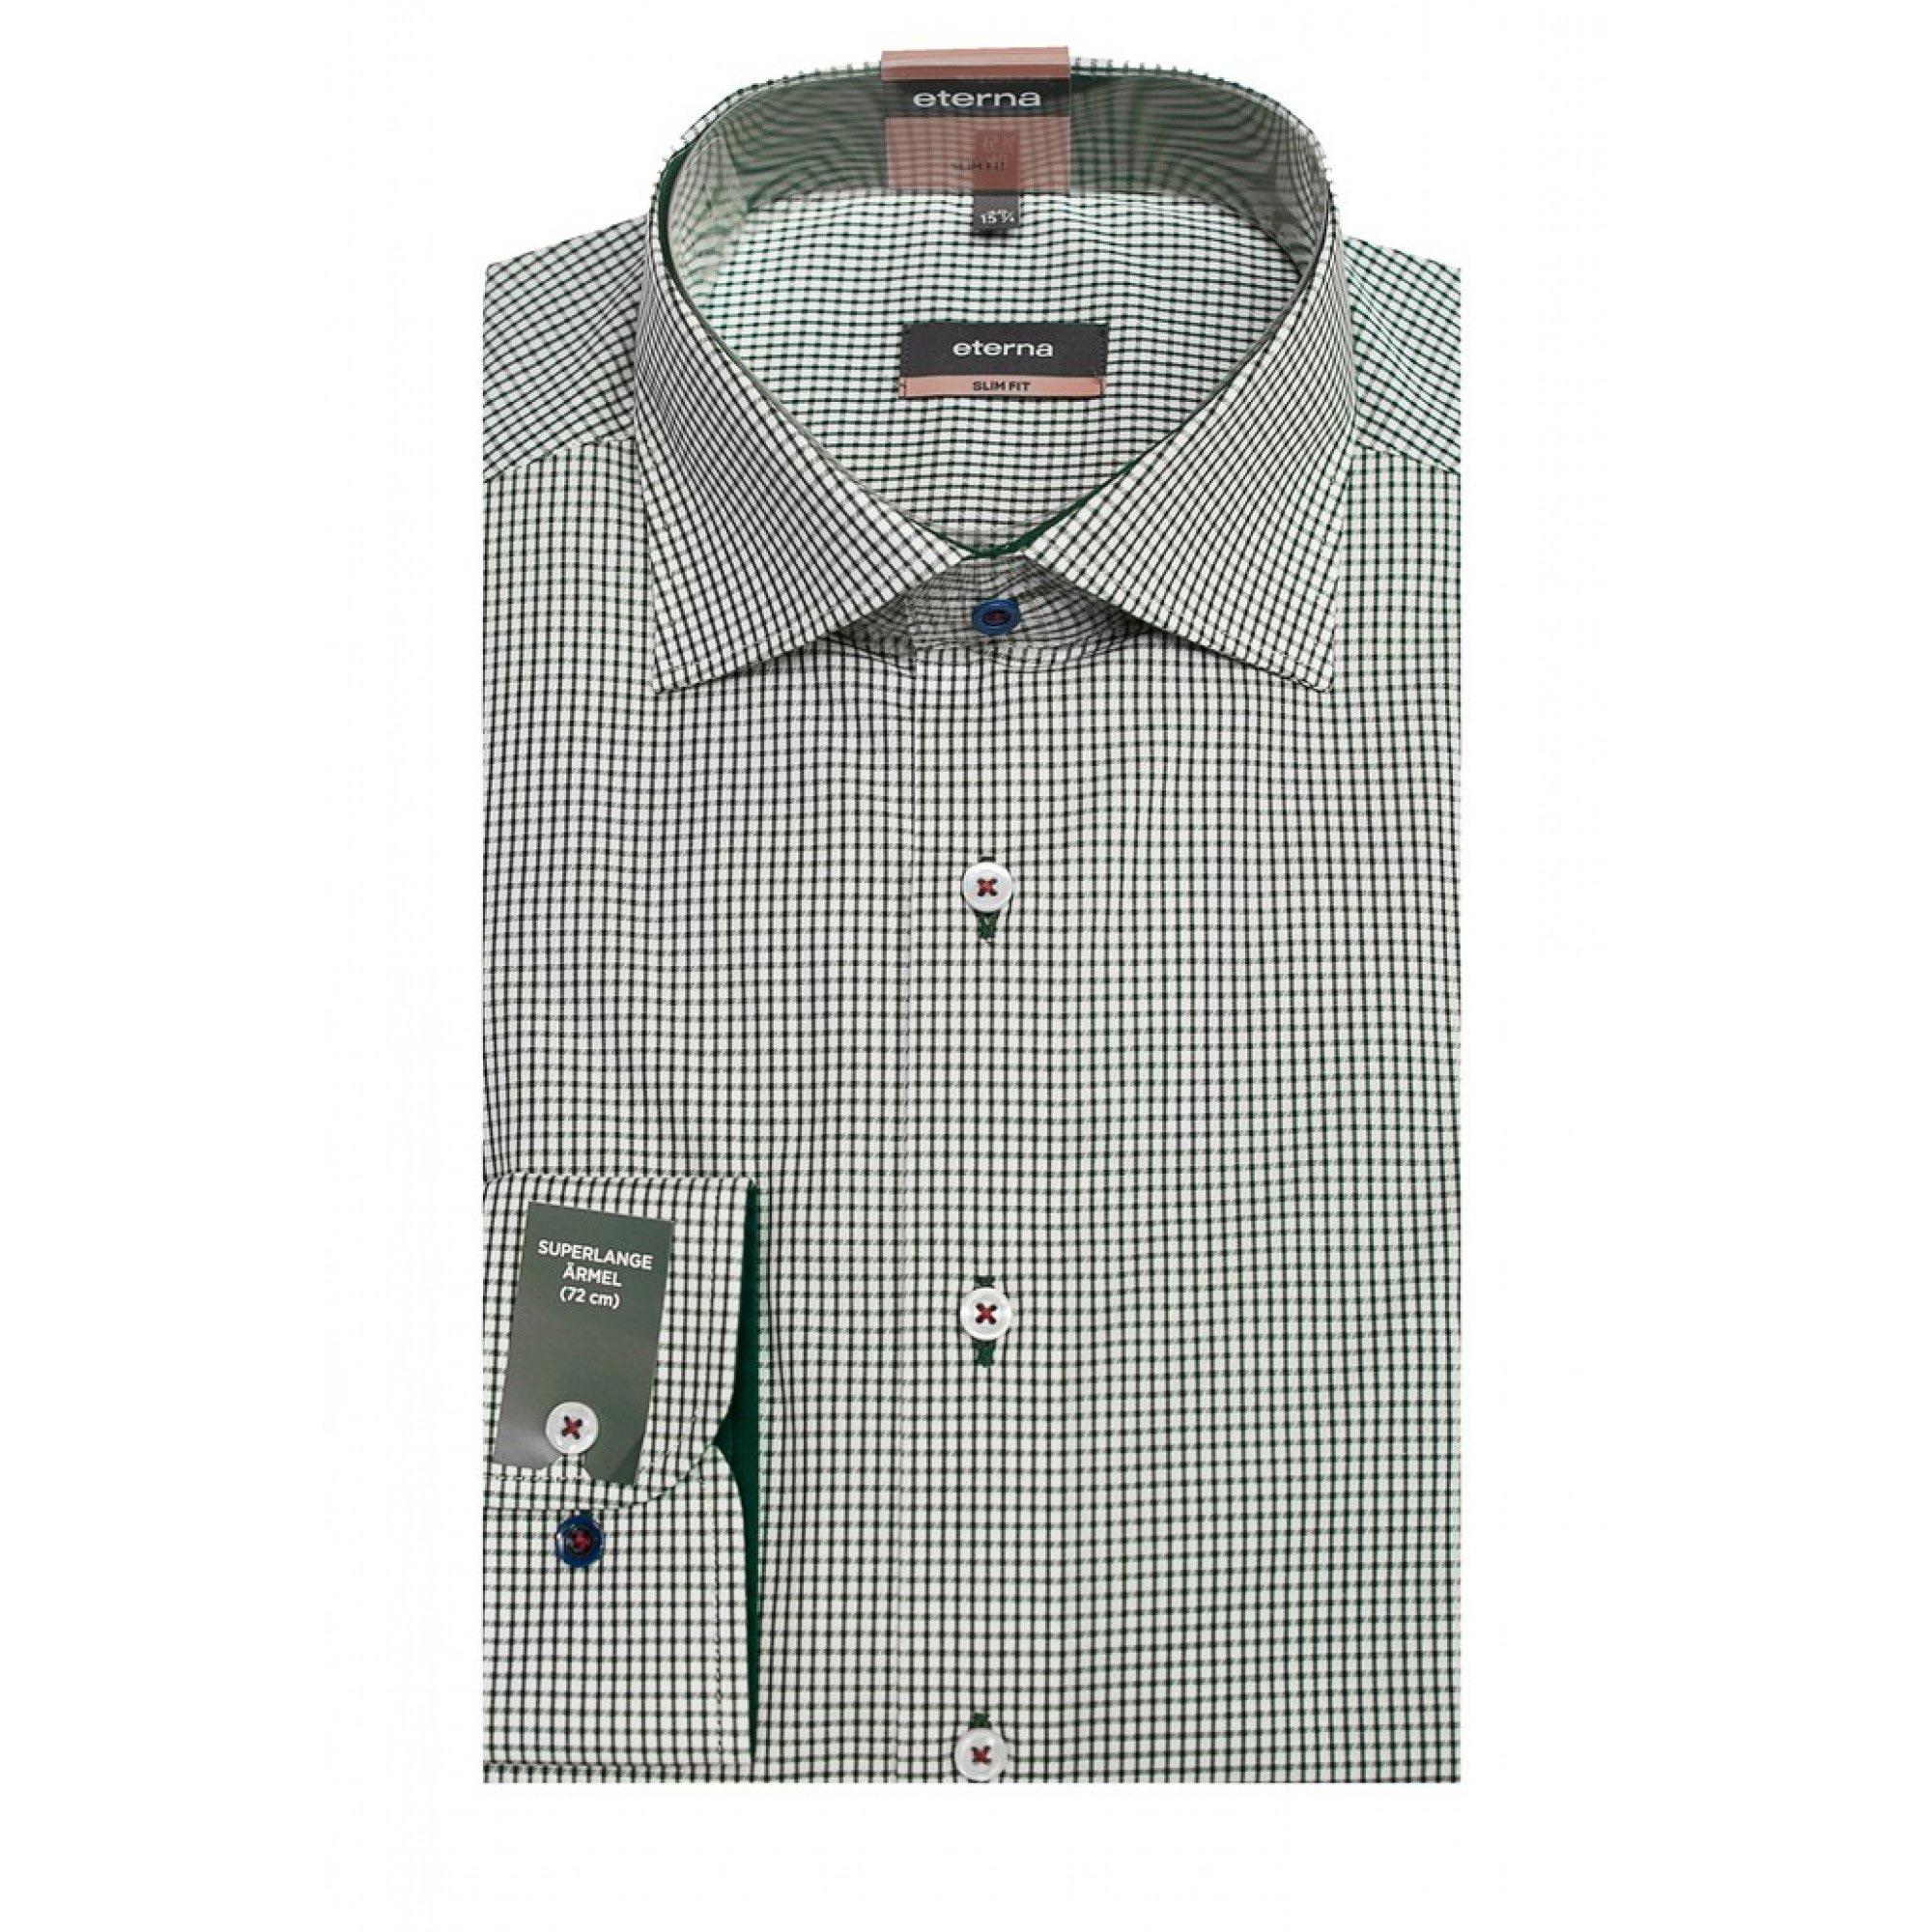 0245a1625ee Мужская рубашка приталенная (Slim Fit) зеленая в клетку с длинным рукавом